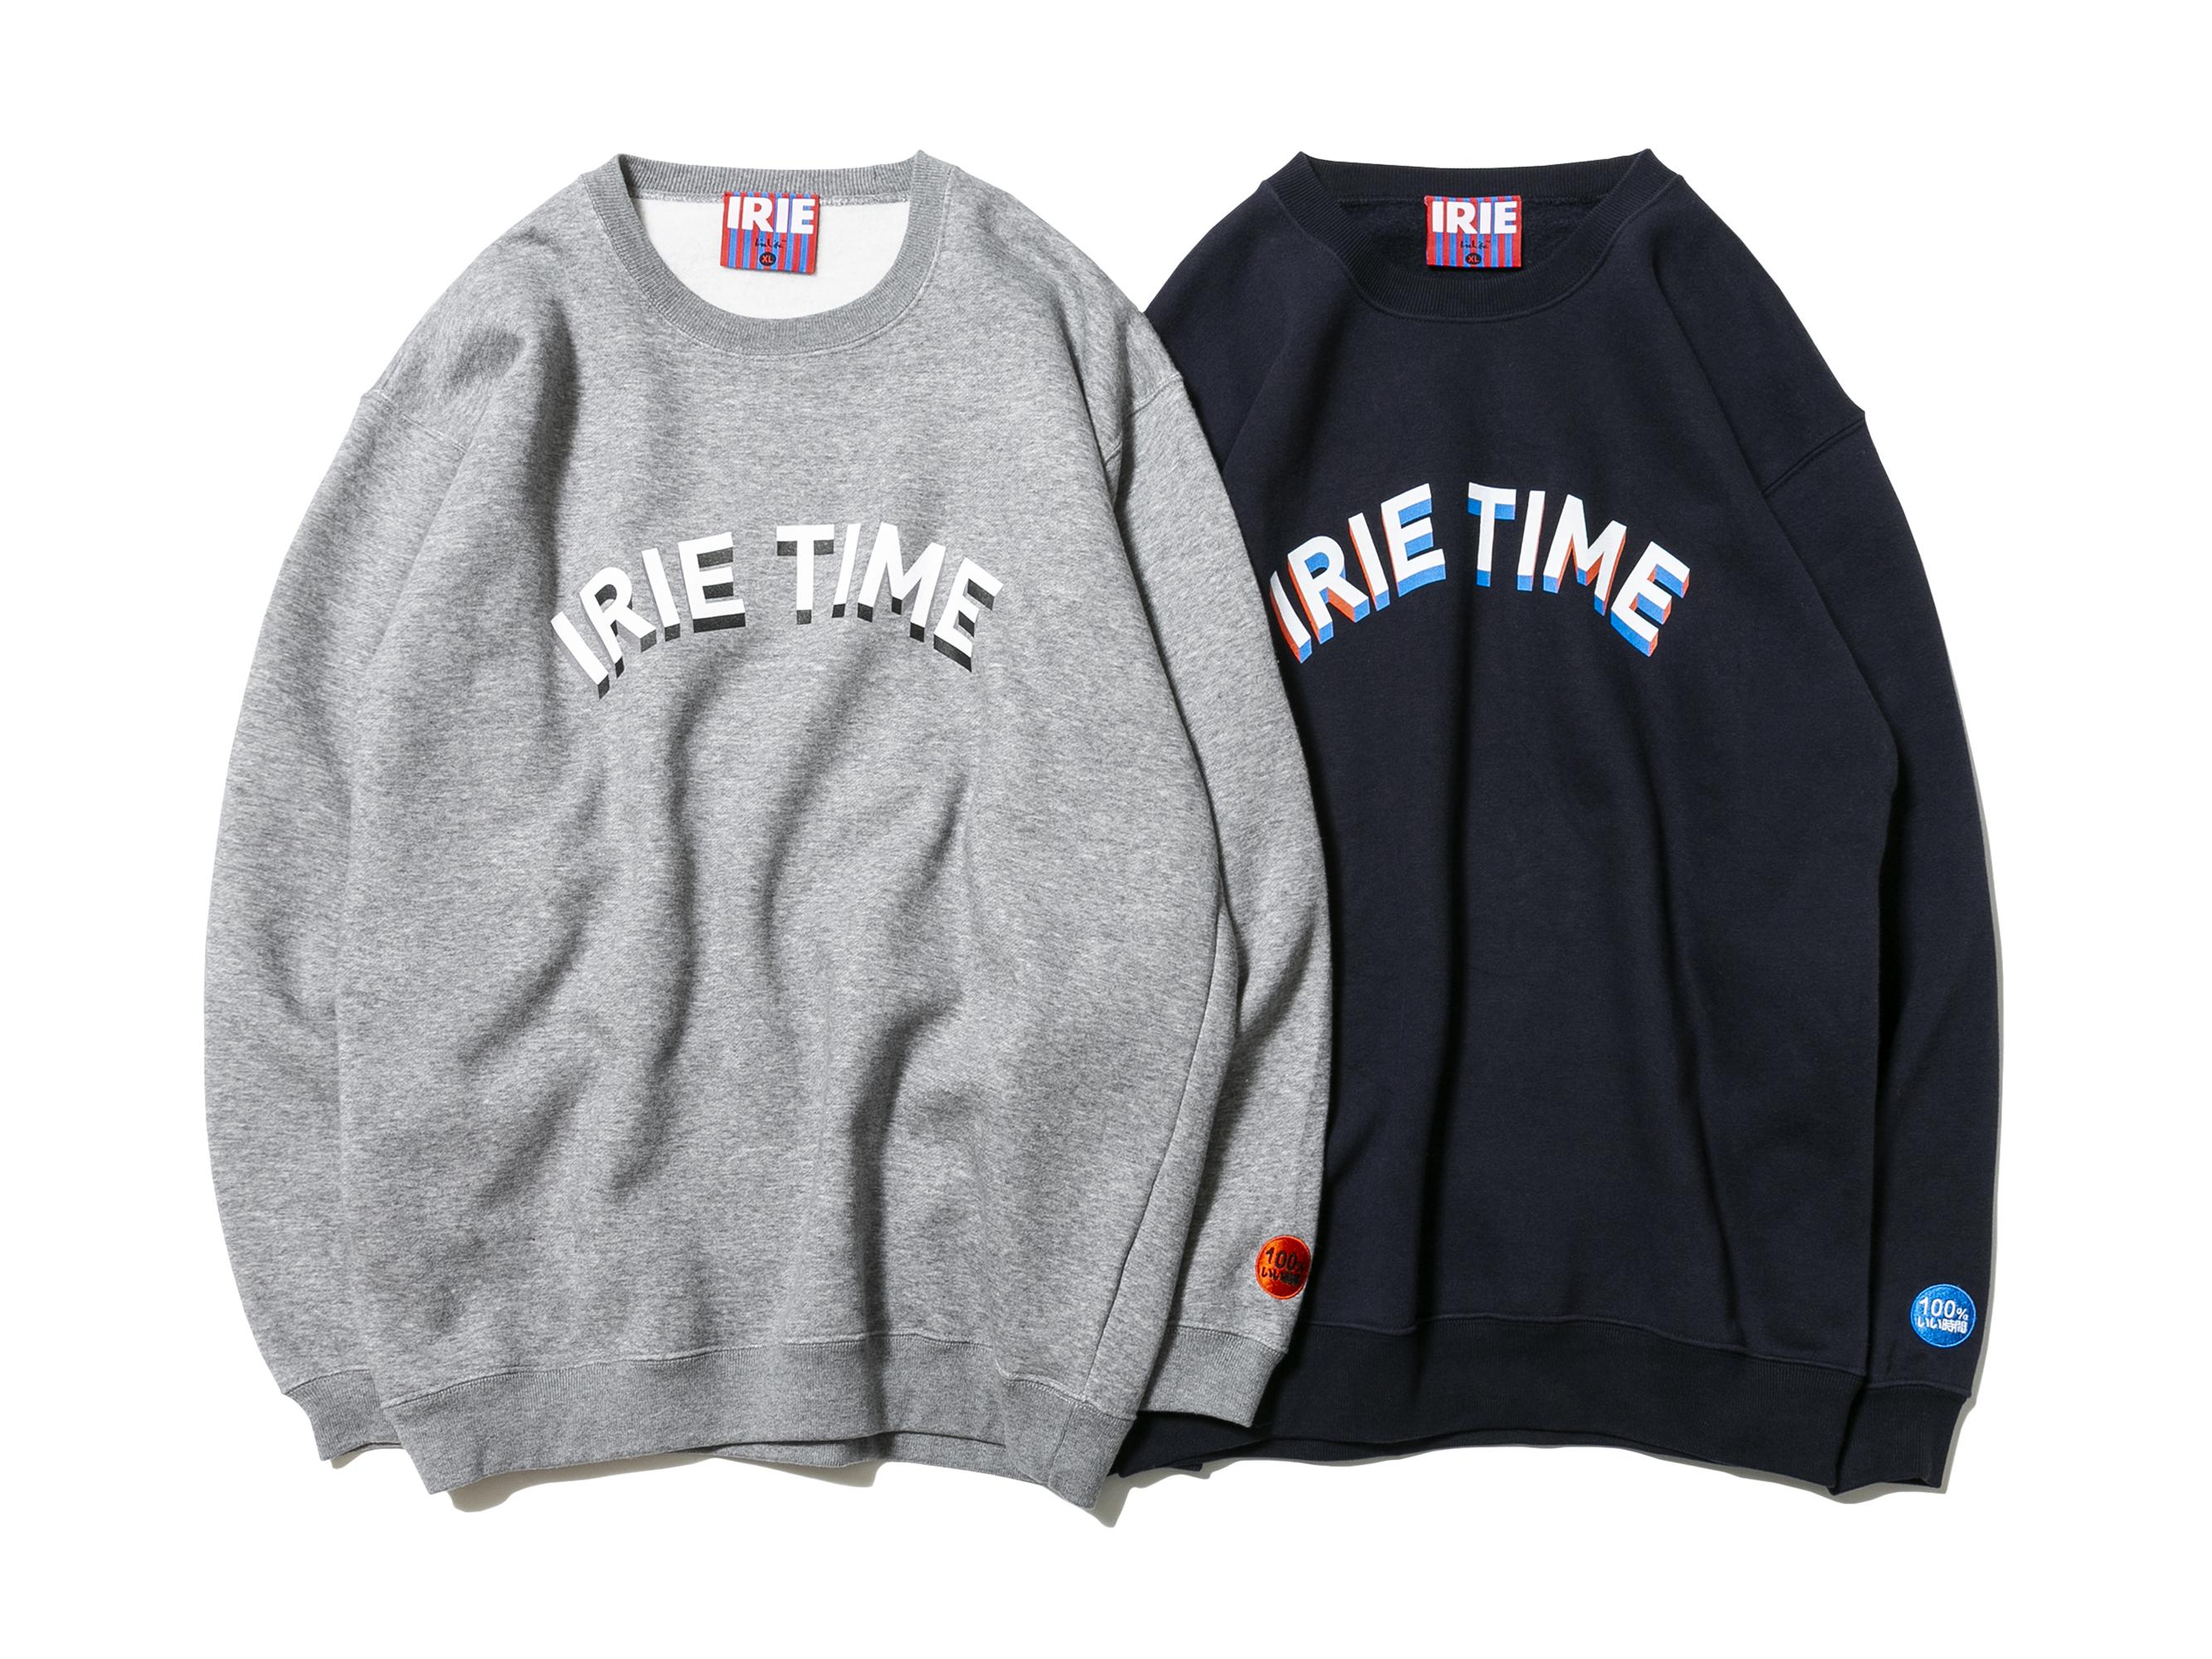 IRIE TIME CREW - IRIE by irielife